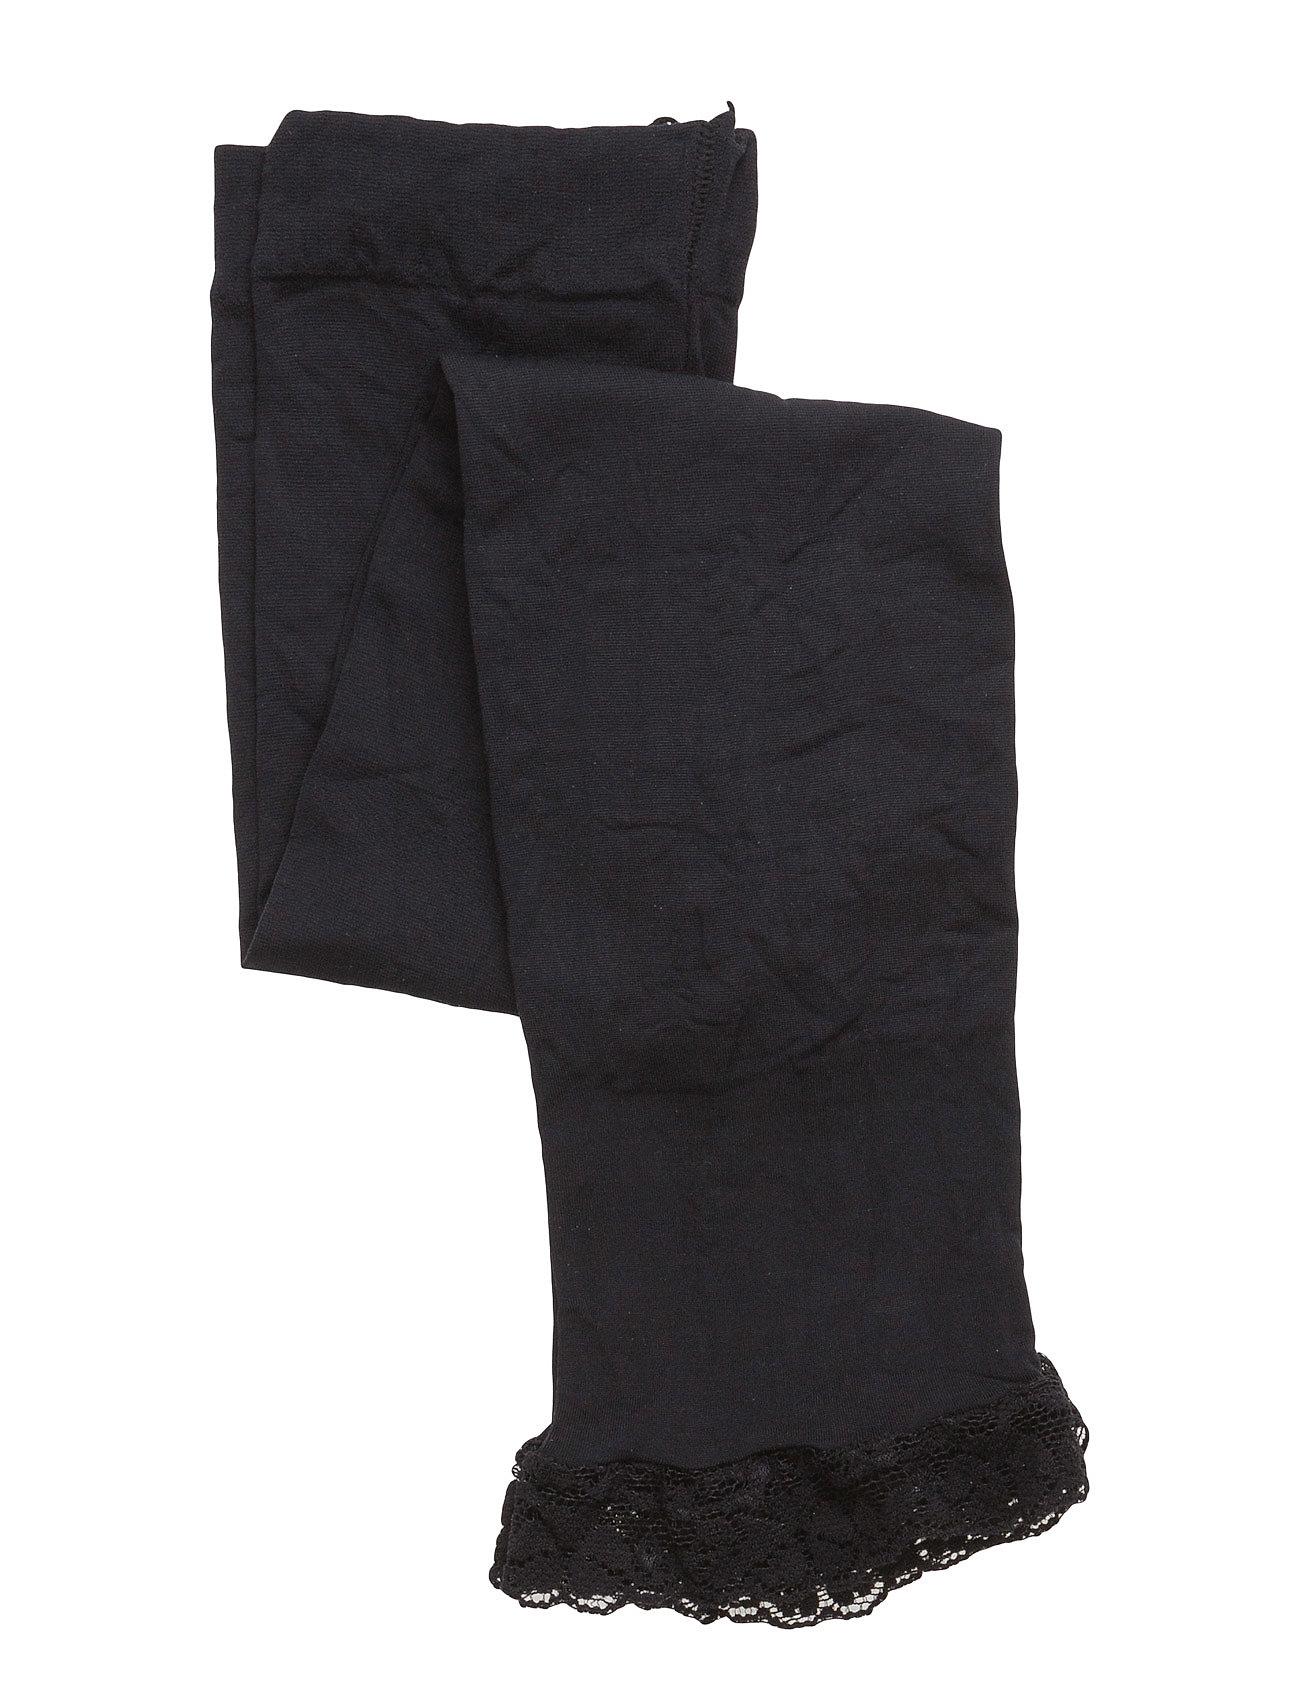 Image of Legging 40 Den W/Lace Edge Leggings Sort Melton (2421327375)